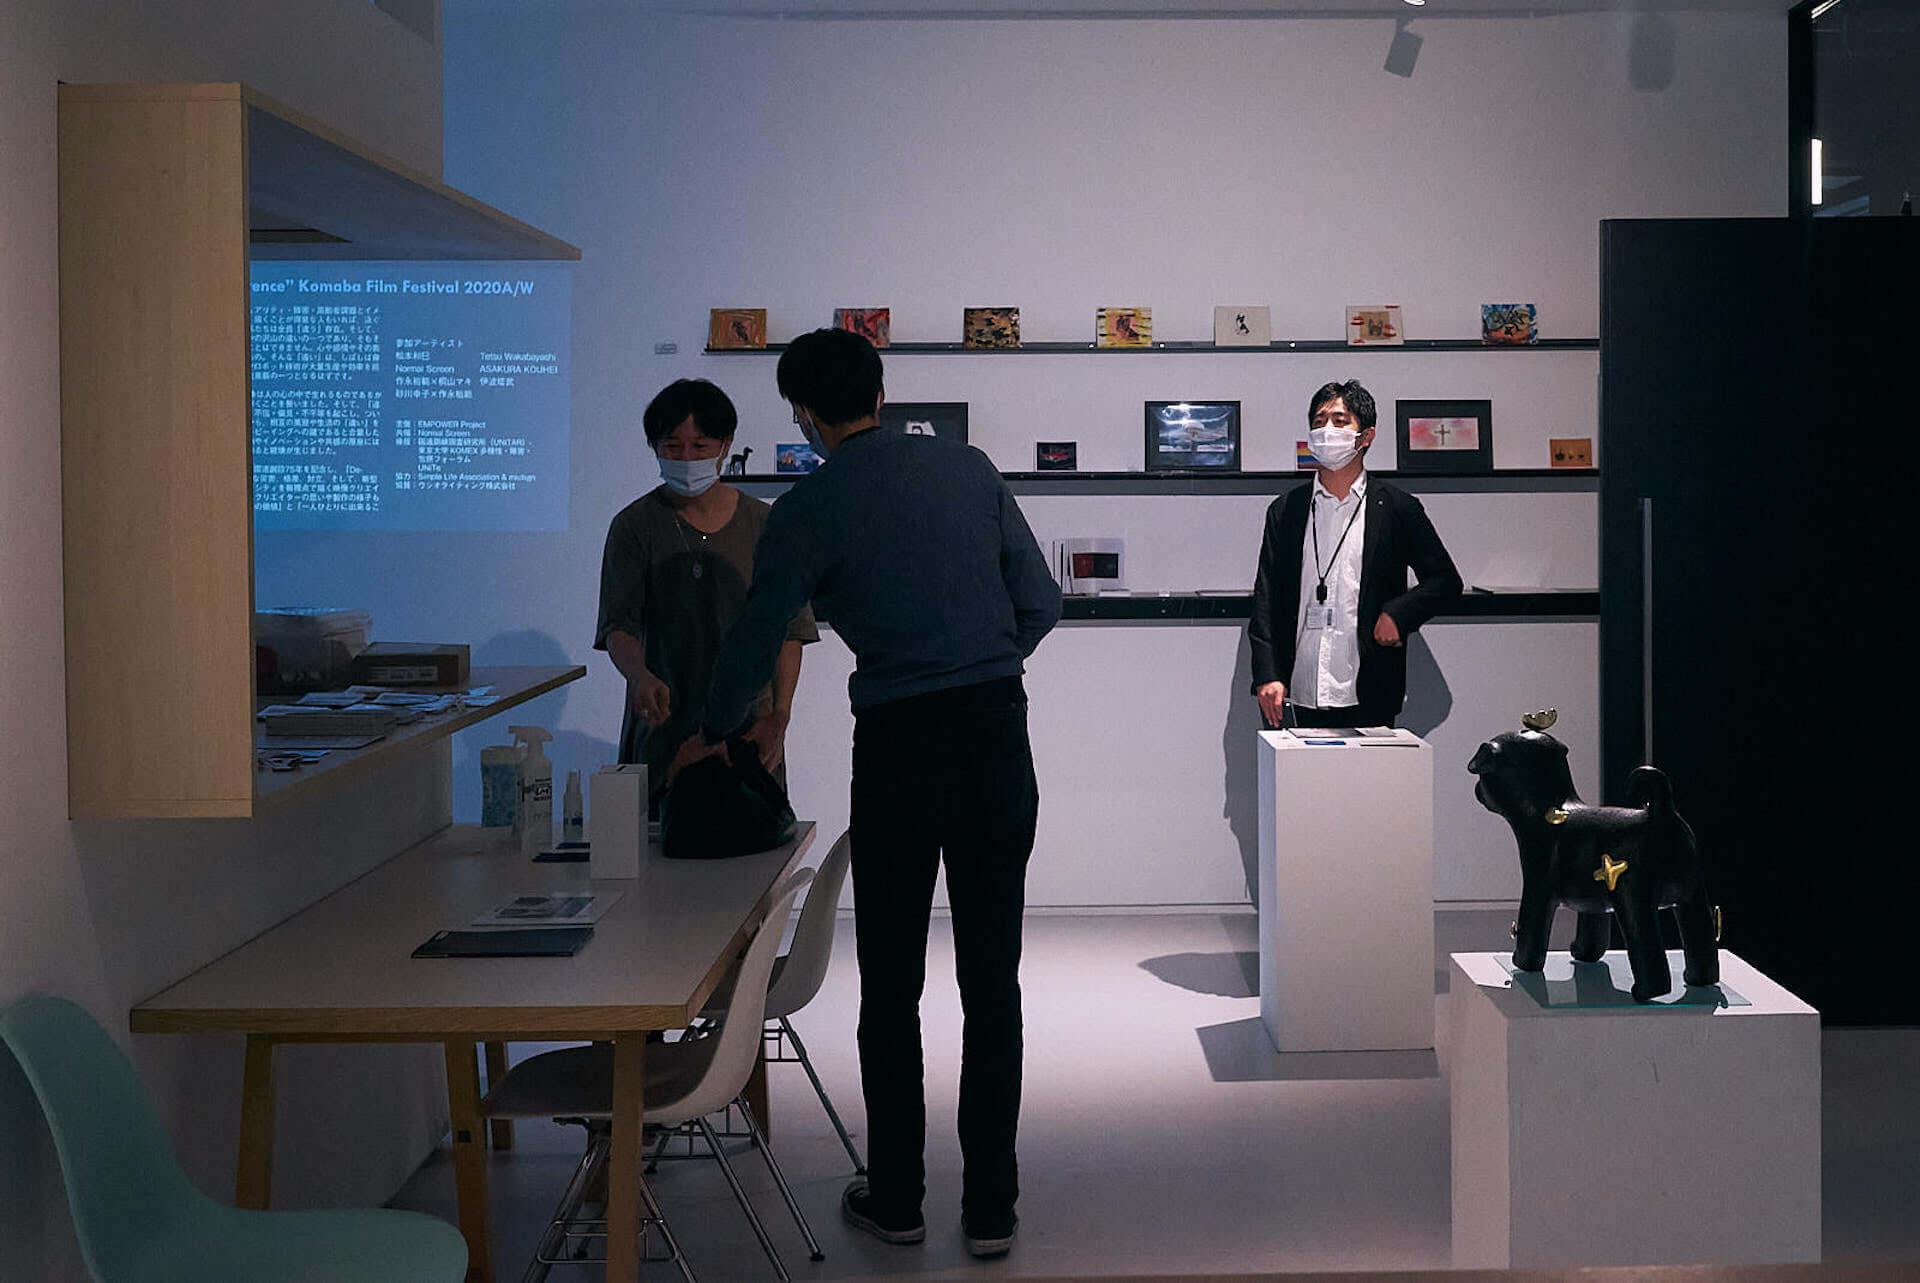 渋谷ヒカリエ「8/ATELIER」にて映像展<Komaba Film Festival 2020A/W>が開催中!映画『a hope of Nagasaki 優しい人たち』の試写会も実施 art201006_hikarie8_7-1920x1283